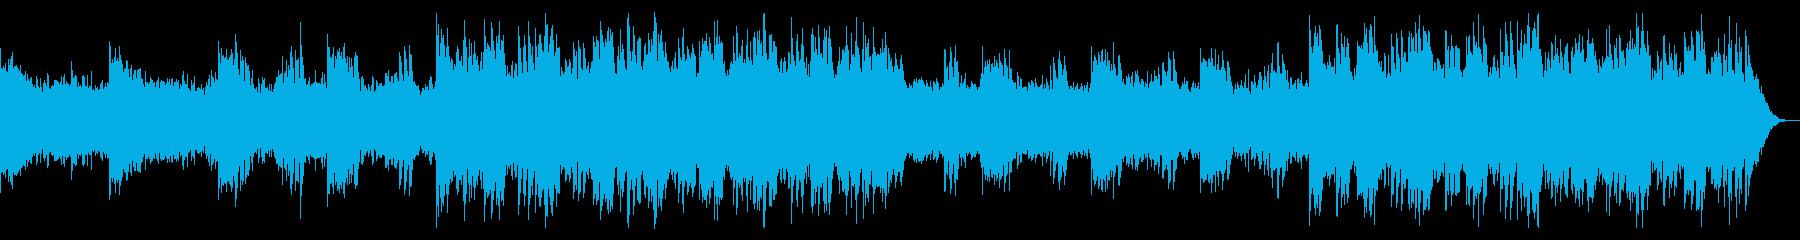 開放感溢れた宇宙を感じるエレクトロニカ2の再生済みの波形